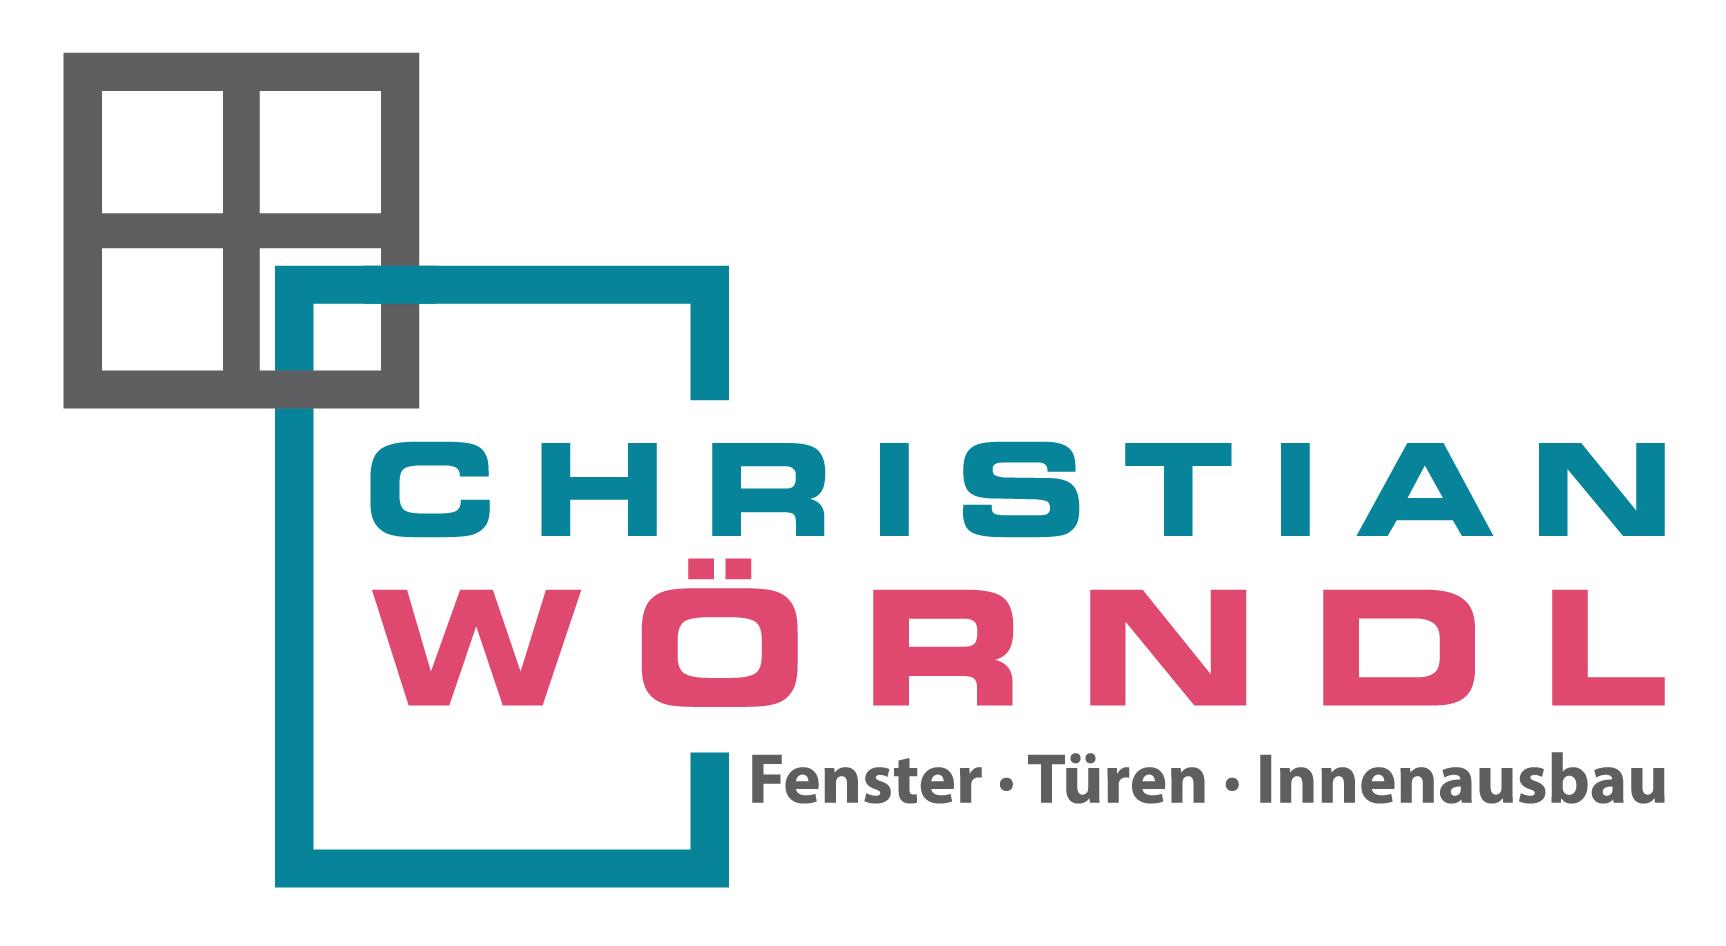 Wörndl Christian